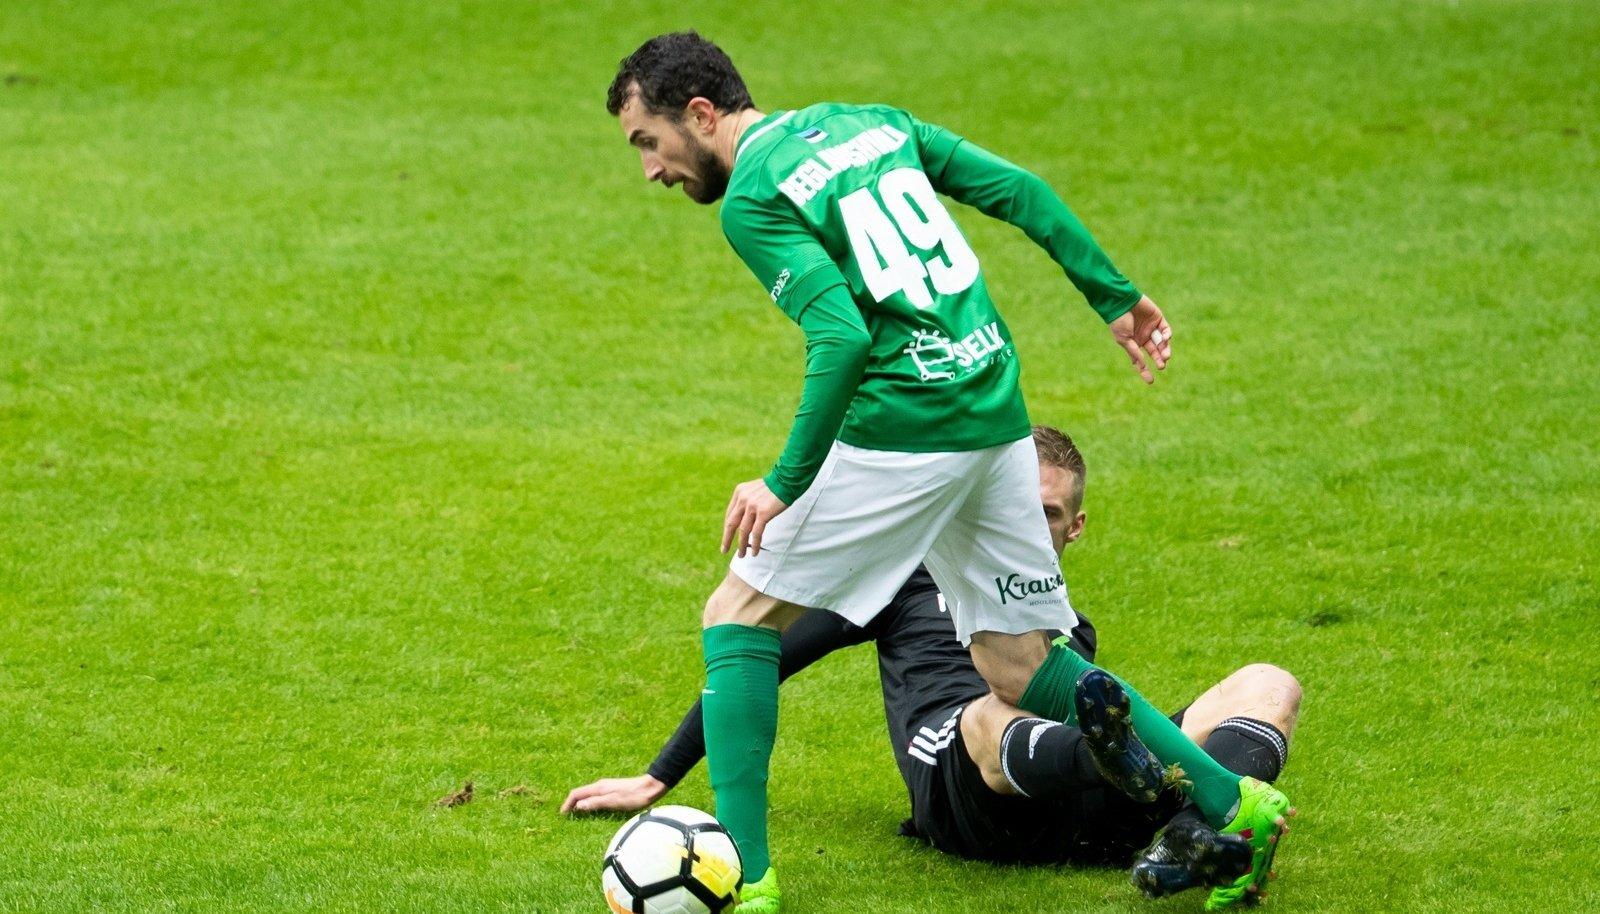 FC Flora ja Nõmme Kalju tegid jalgpalli Premium liiga 32. vooru mängus Lilleküla staadionil 2:2 viigi.